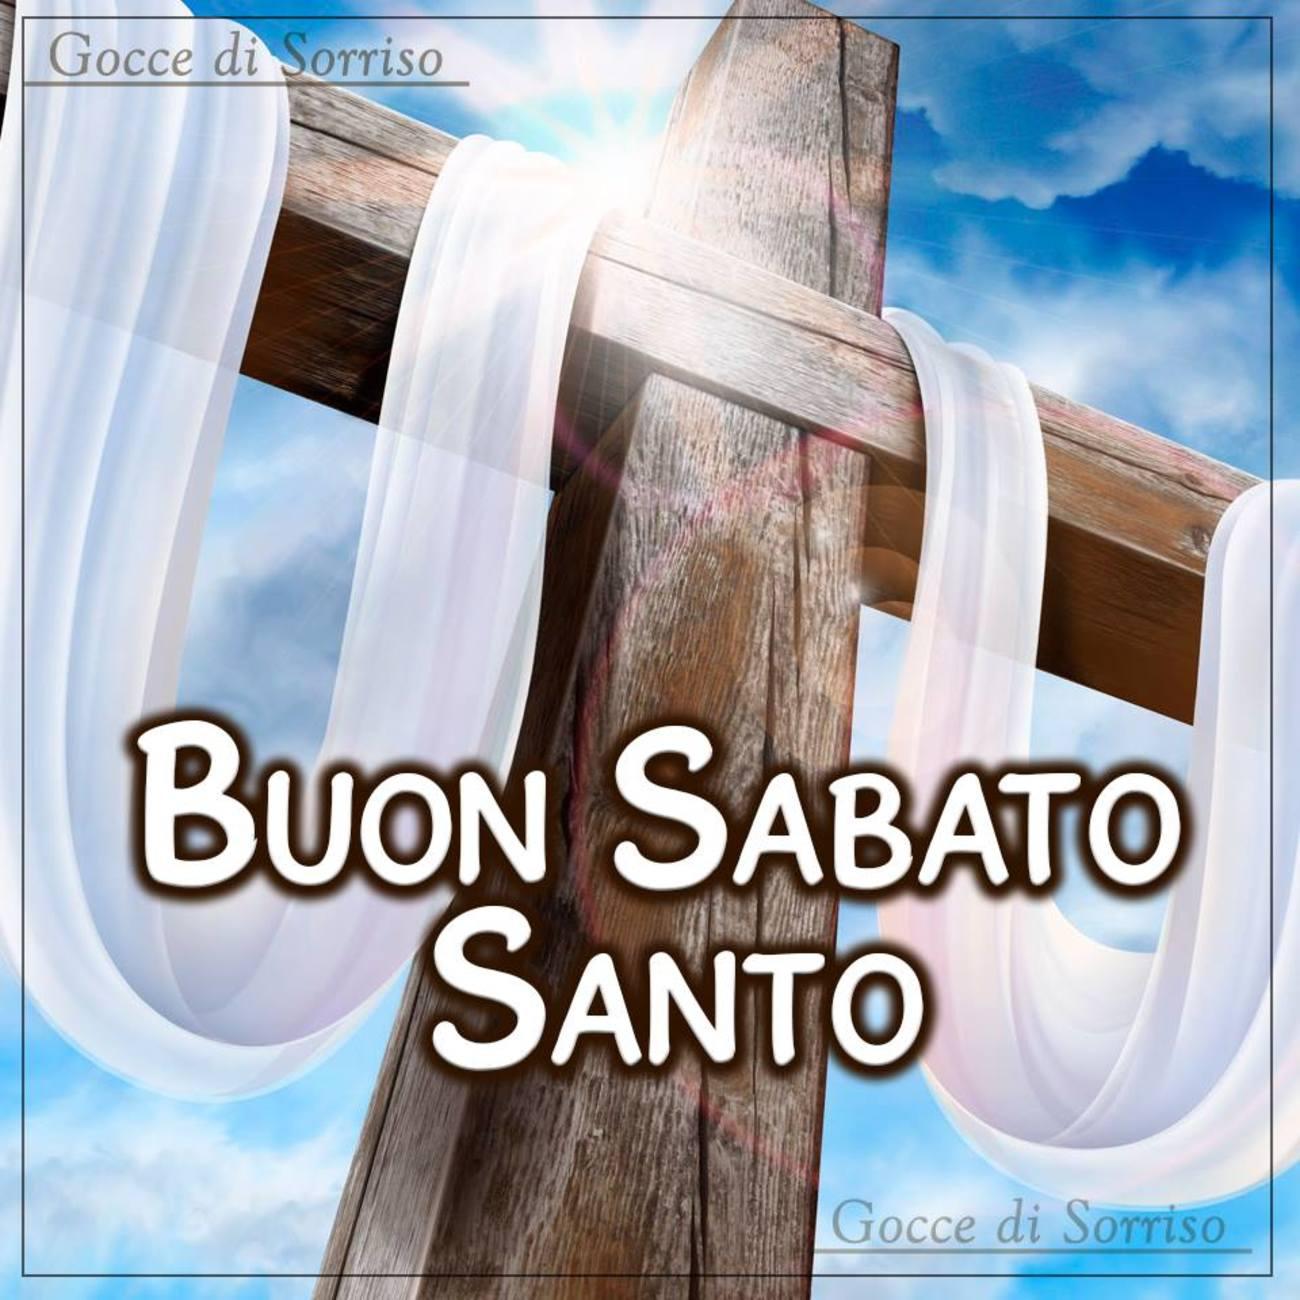 Buon Sabato Santo immagini religiose